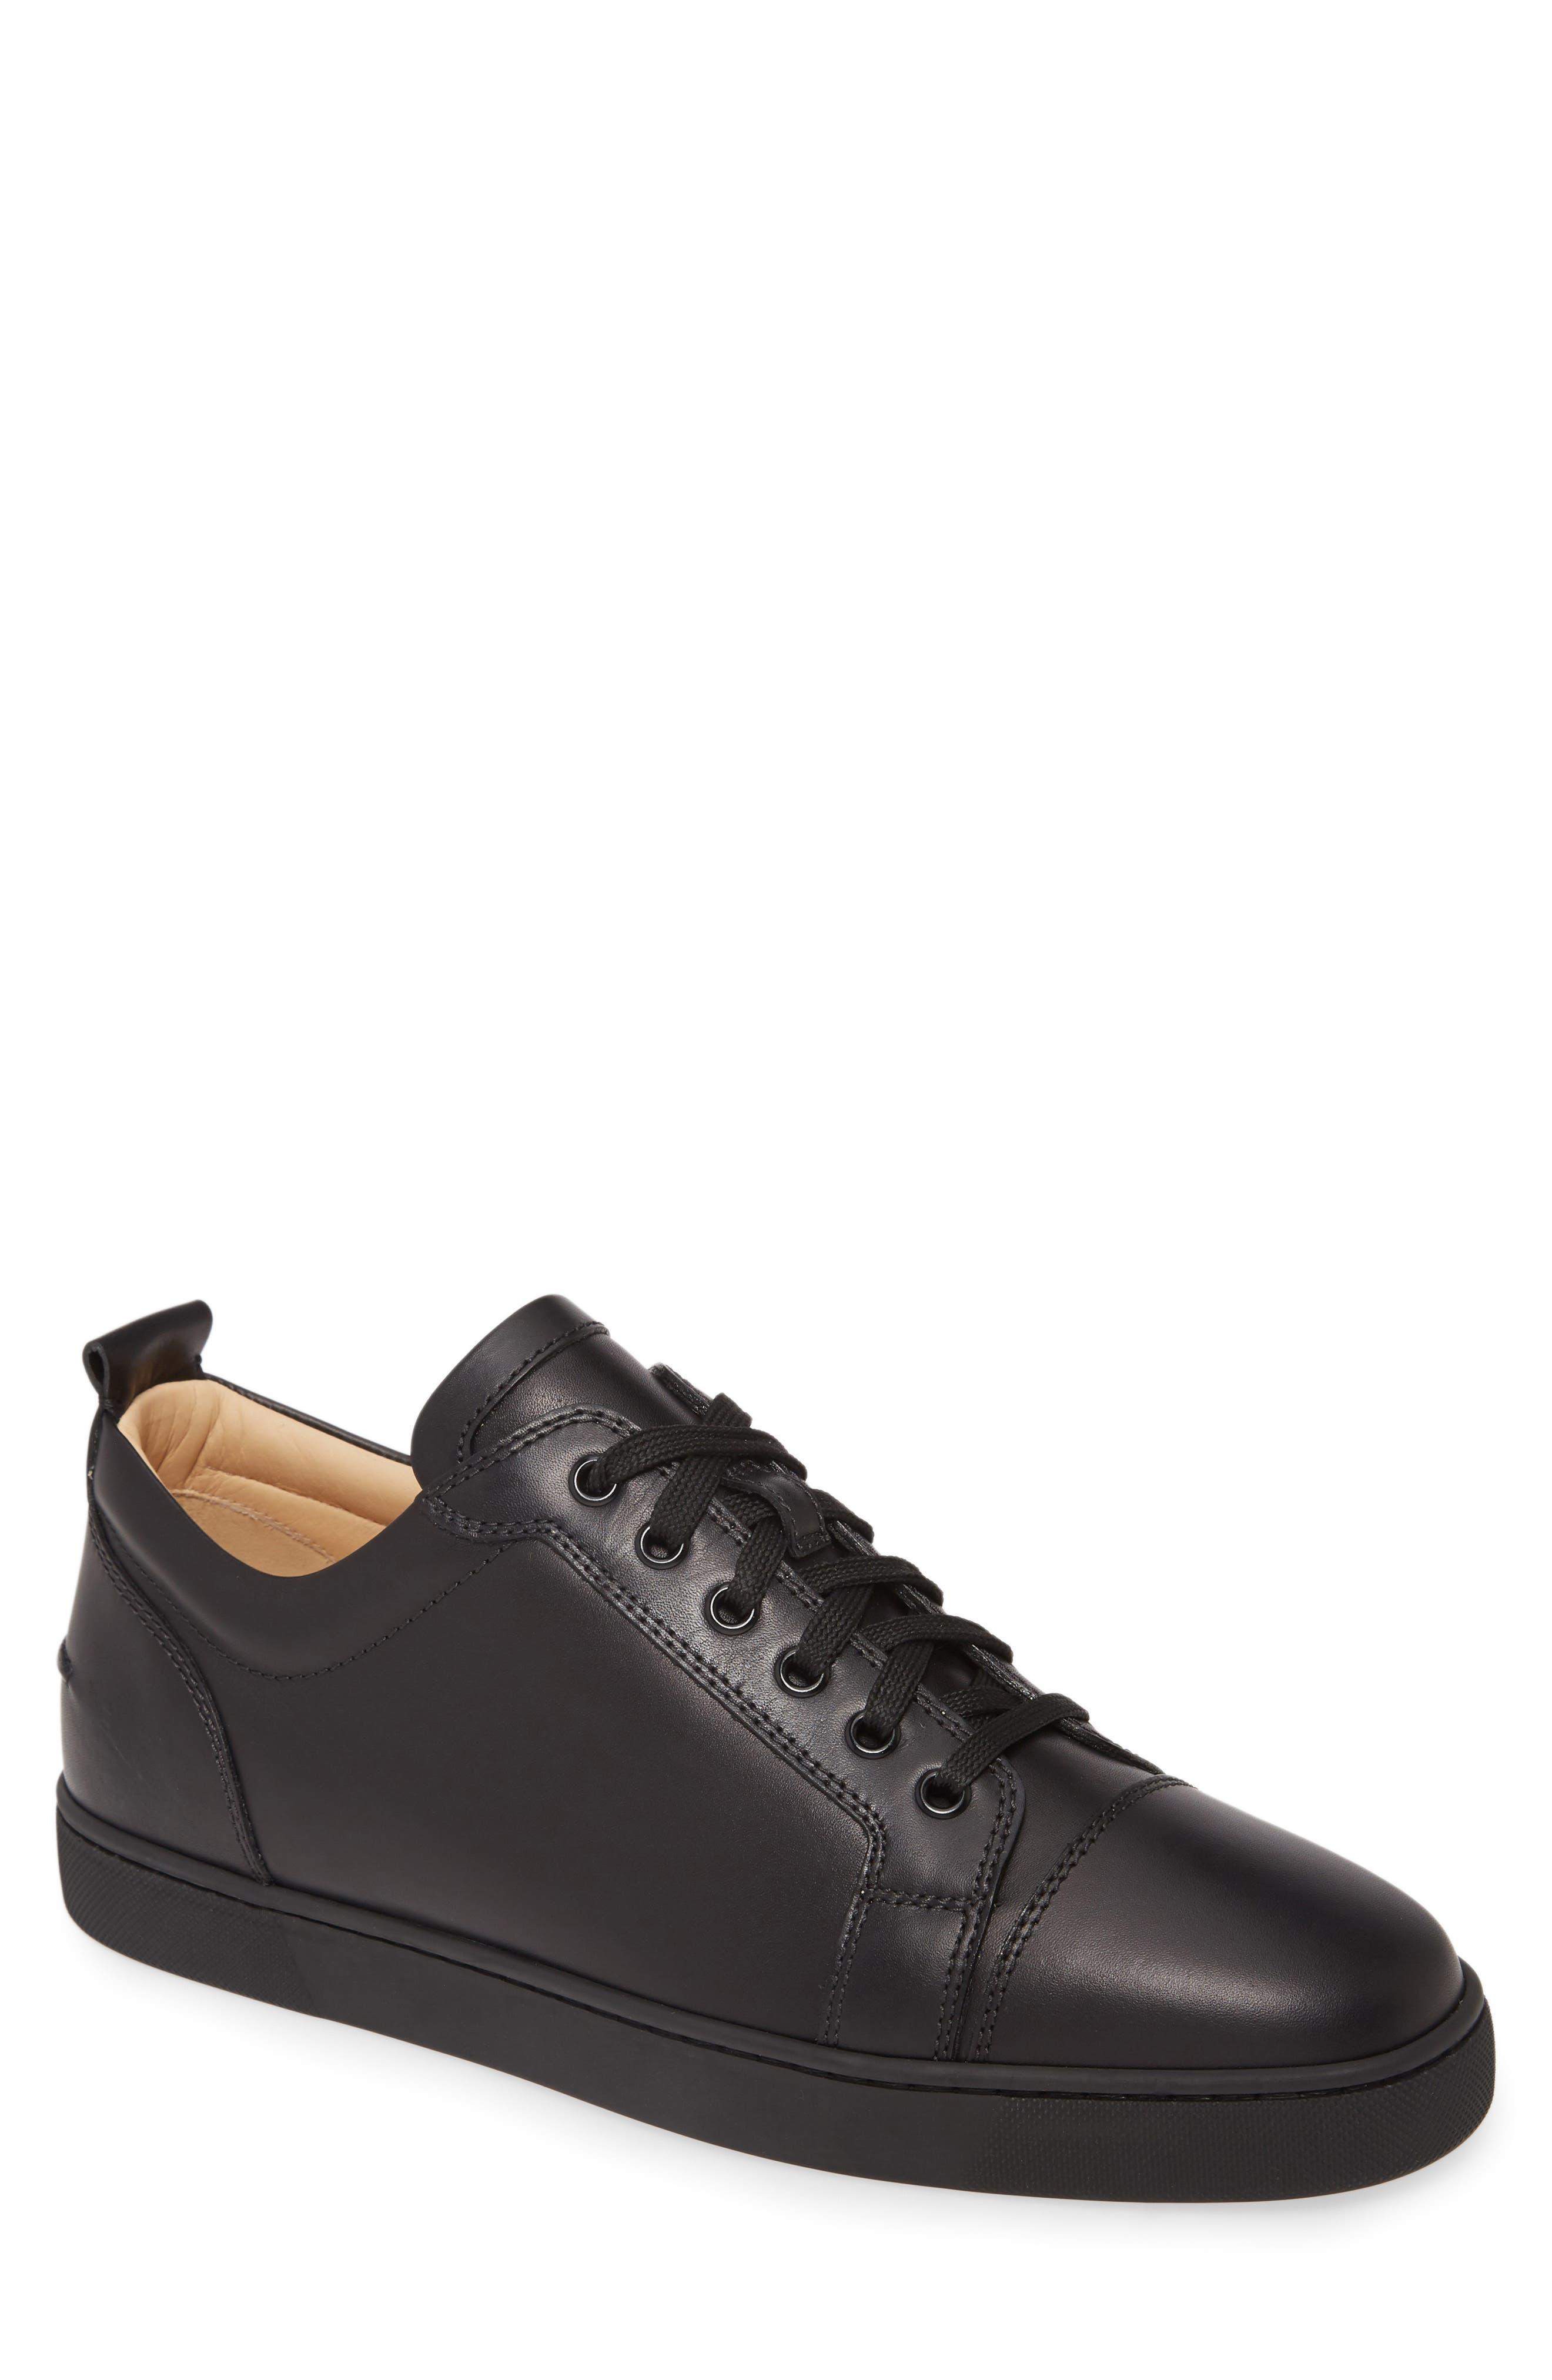 christian louis vuitton shoes